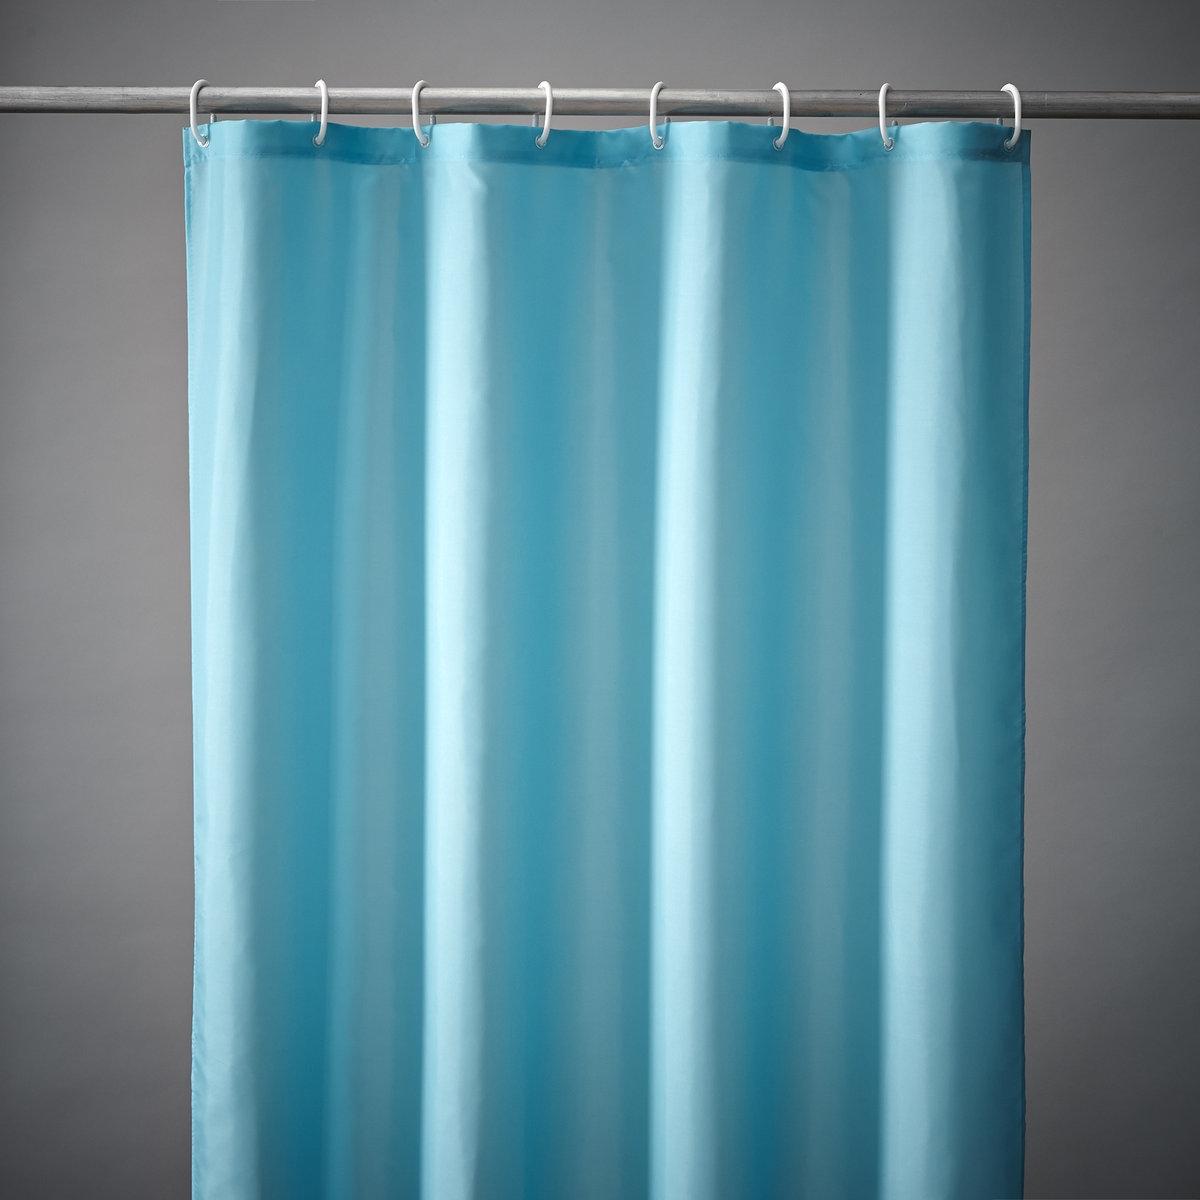 Штора для душа Sc?narioКрепление с помощью пластиковых прозрачных крючков, идут в комплекте.Низ с грузиками для идеального натяжения.Размер шторы для душа: высота 200 см, два варианта ширины: 120 см или 180 см.<br><br>Цвет: белый,голубой бирюзовый,зеленый анис,светло-серый,синий океан,слоновая кость,темно-серый<br>Размер: 180 x 200 см.120 x 200 см.180 x 200 см